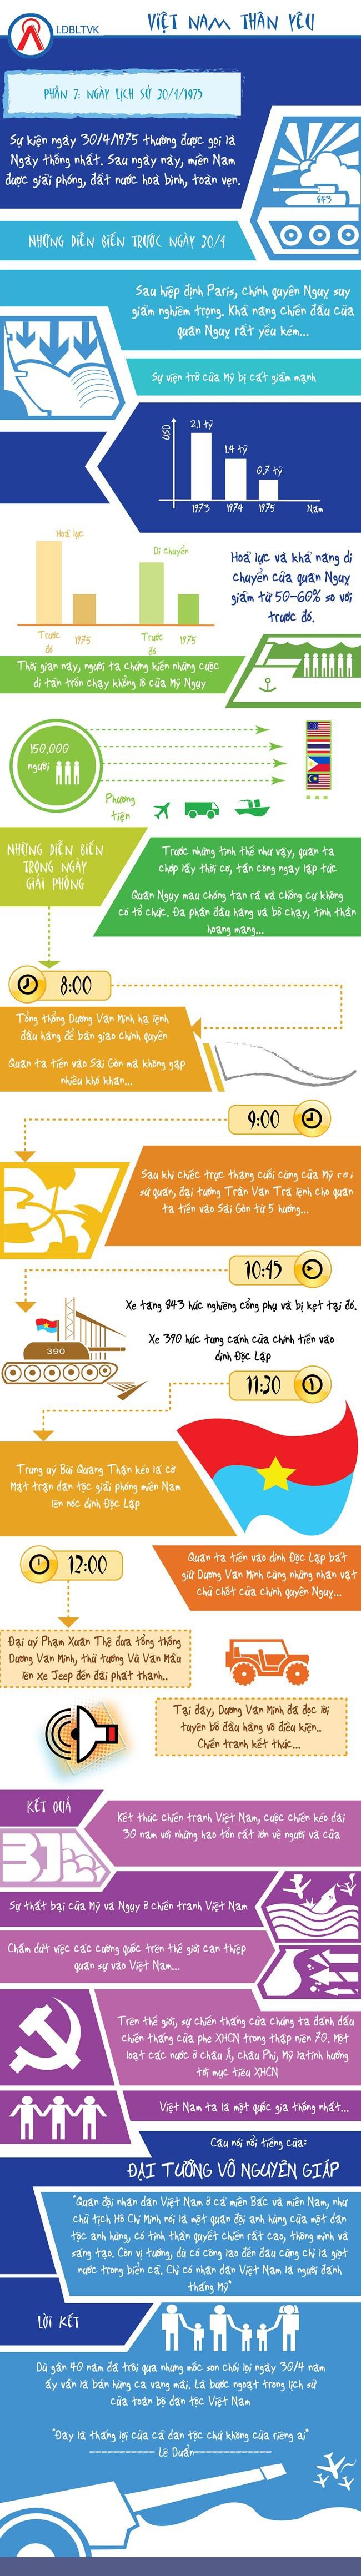 [Infographic] Ôn lại lịch sử ngày 30/4 hào hùng của dân tộc